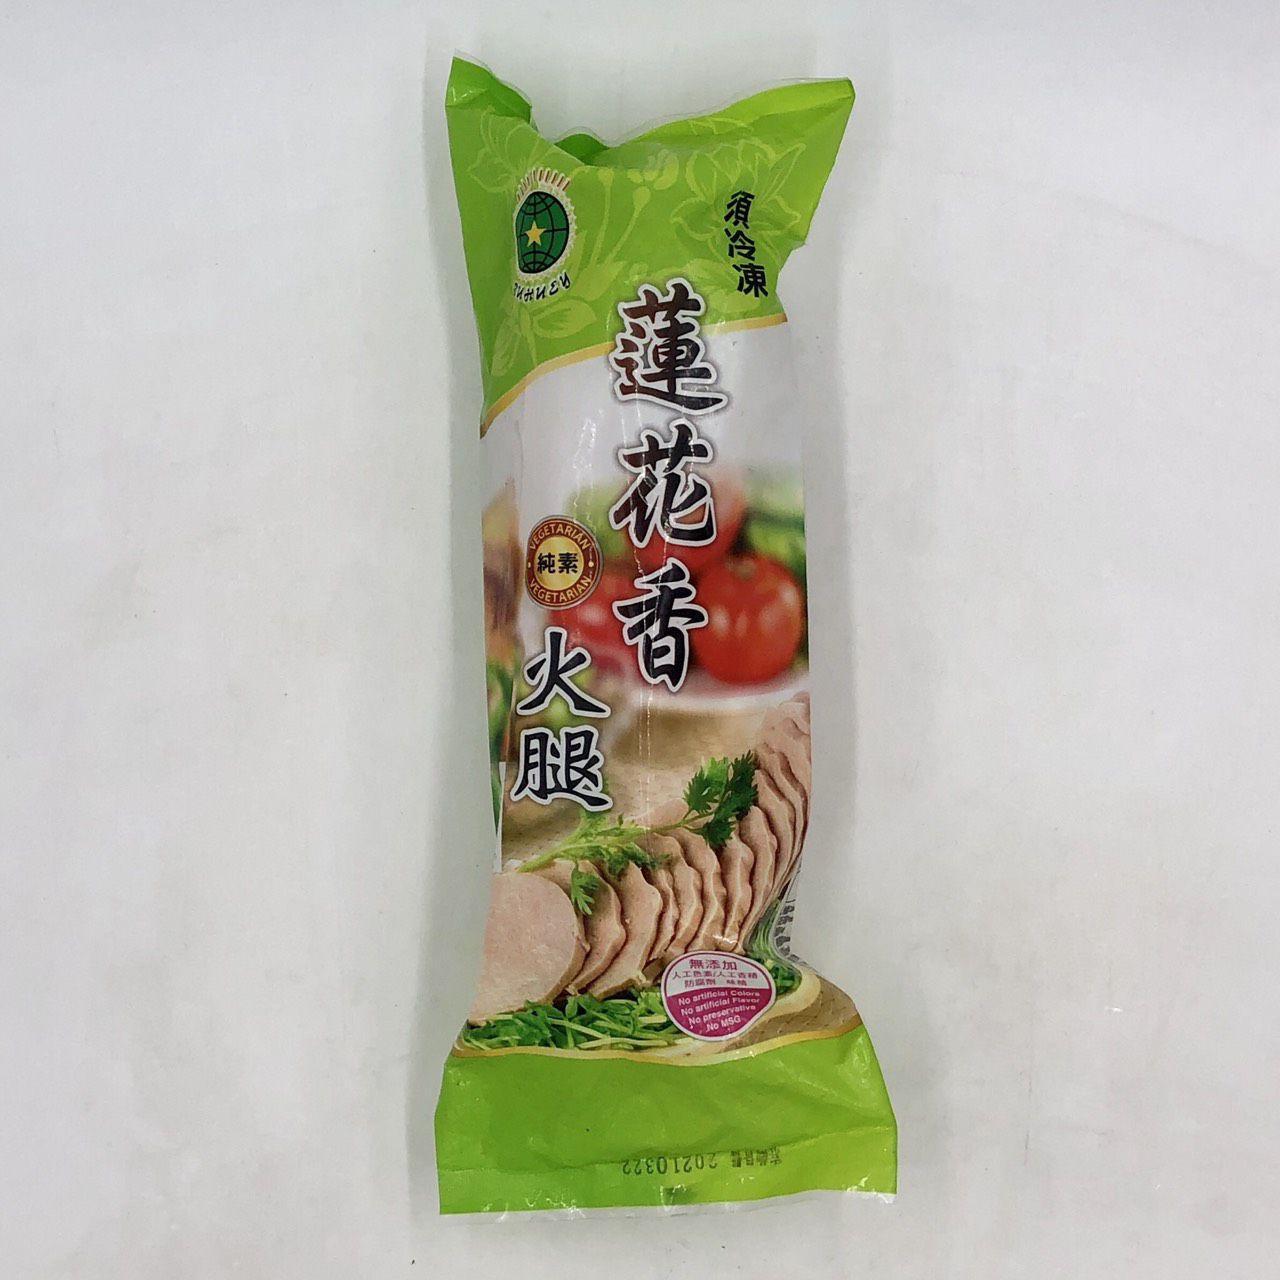 (儒慧)蓮花香火腿1kg(全素)